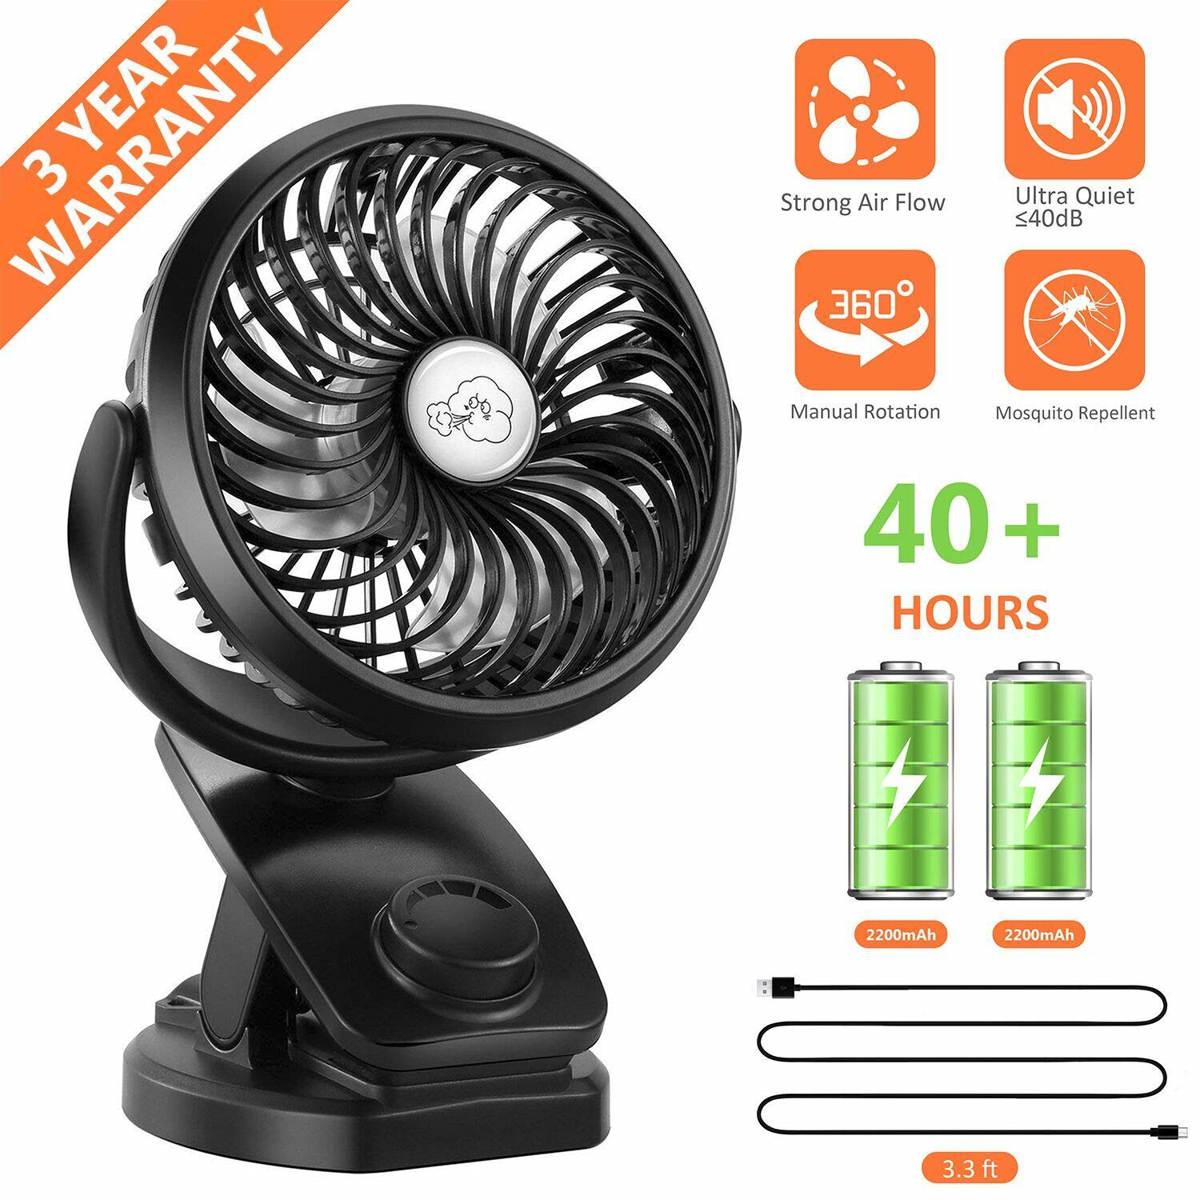 Fitfirst ventilador